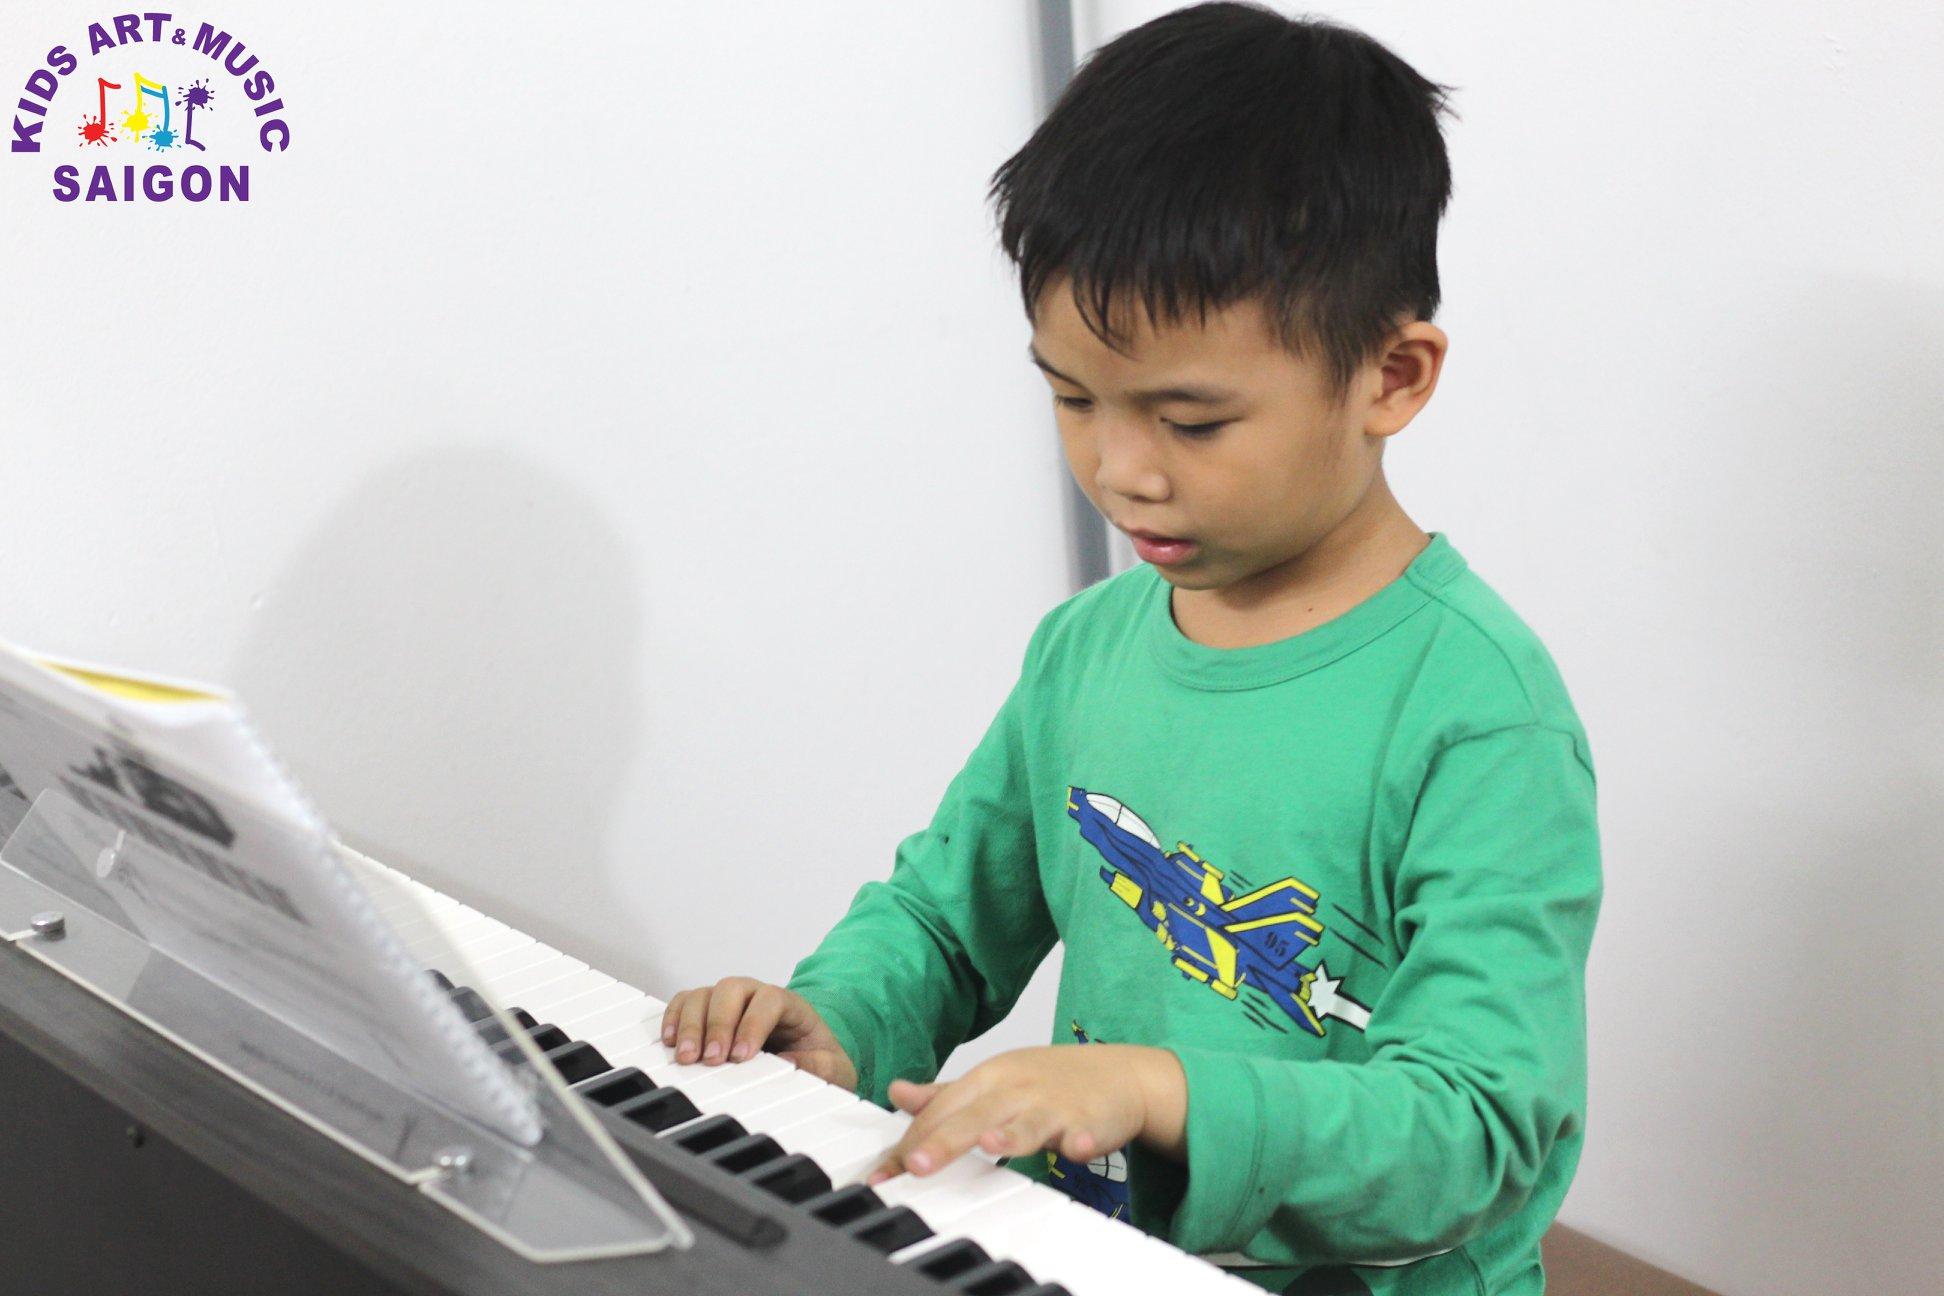 Học đàn Piano cho trẻ em tại Kids Art & Music Saigon, cùng tìm hiểu nhé! hình ảnh 9